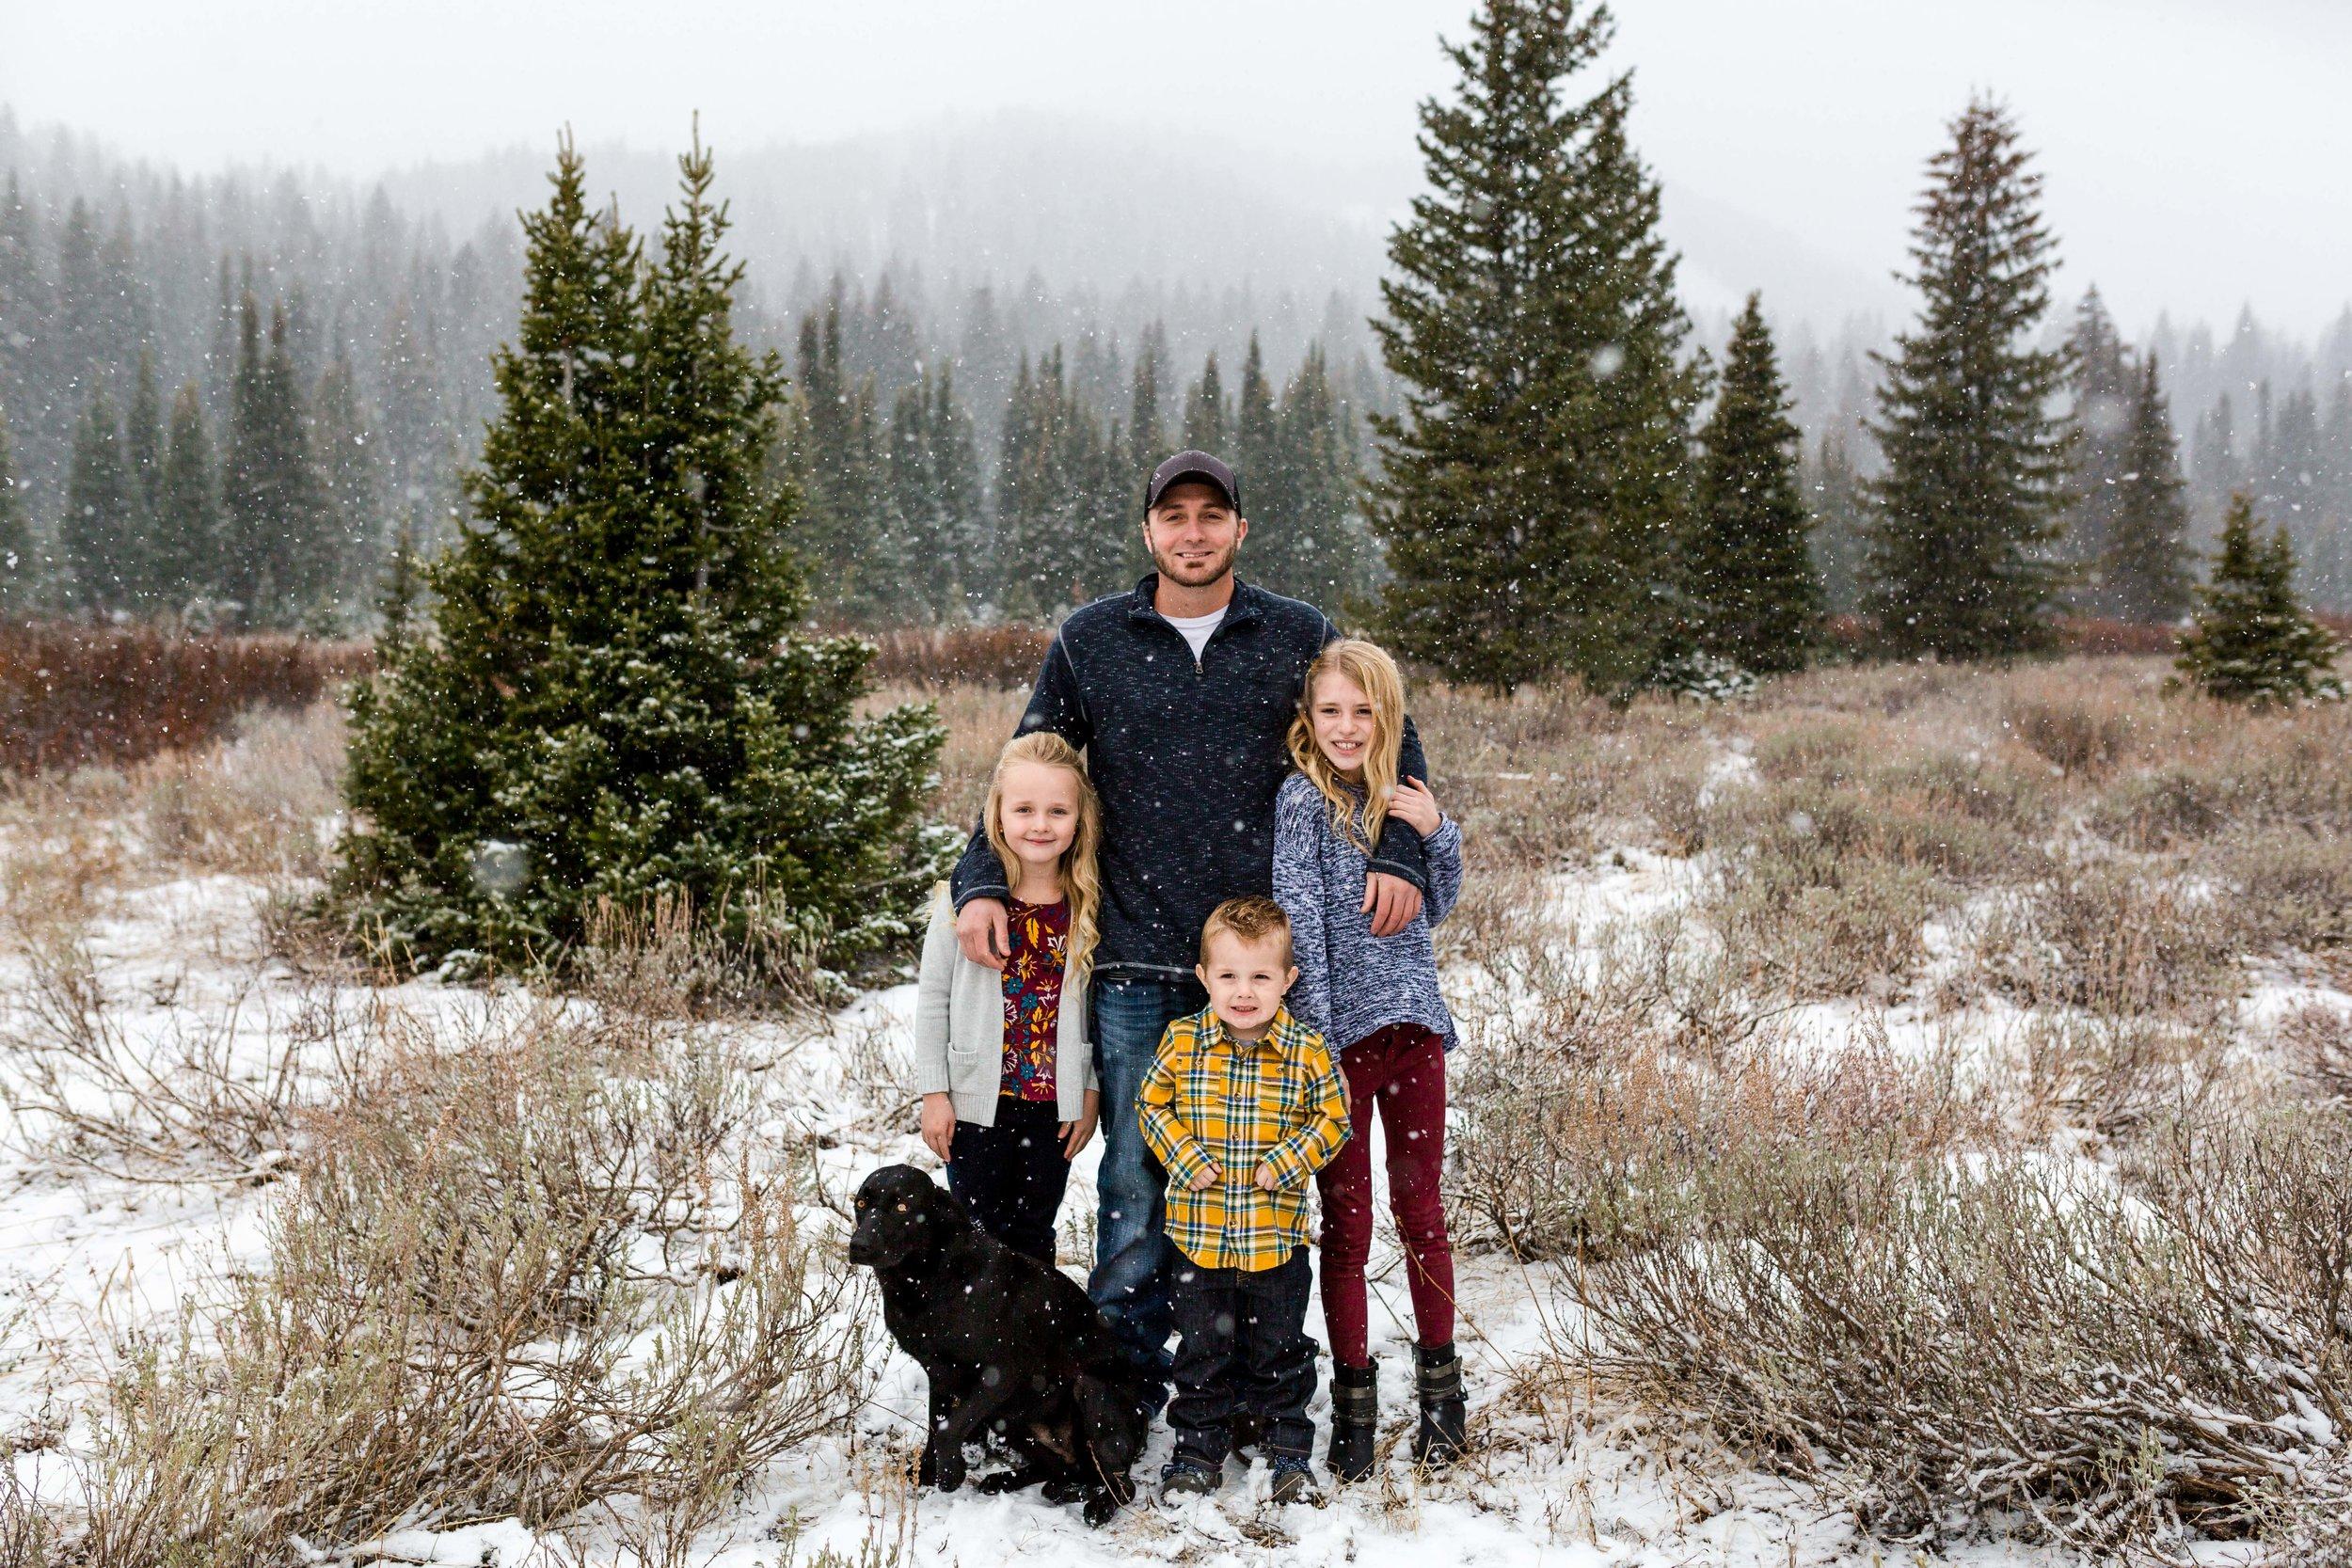 Tony Grove Winter Family Session-9333.jpg